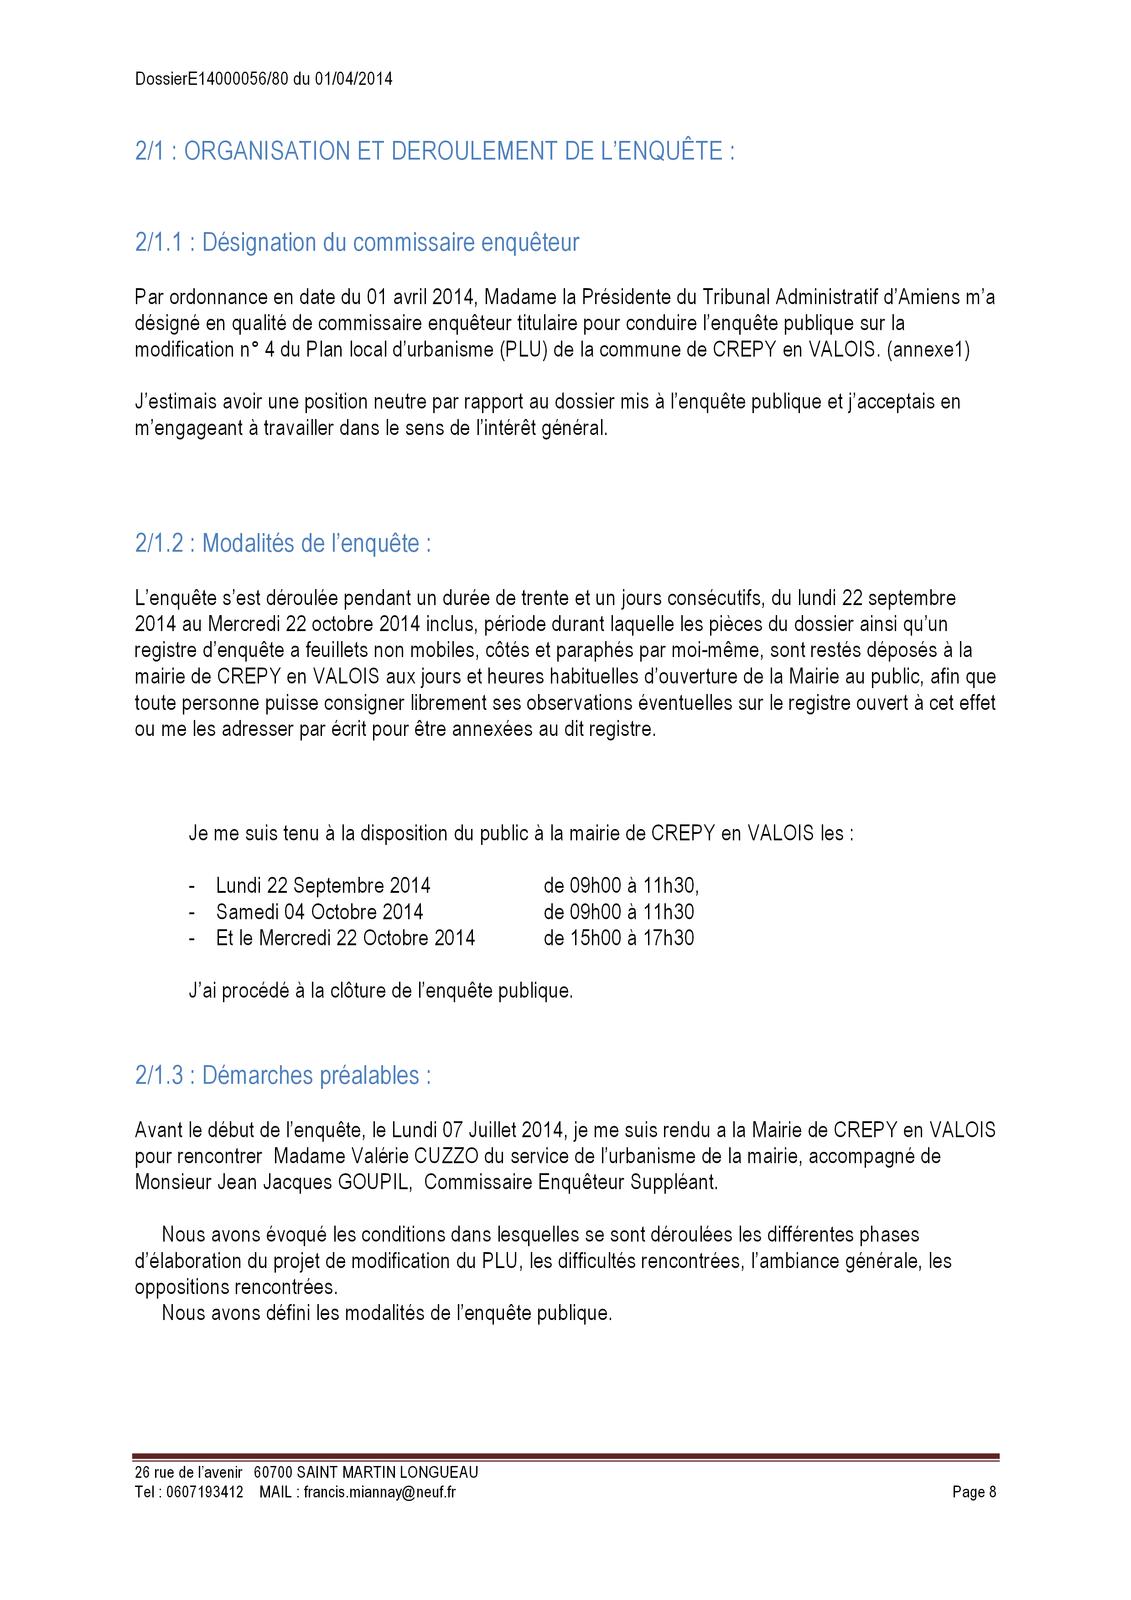 Rapport du commissaire enquêteur concernant la modification n°4 du PLU de Crépy en Valois